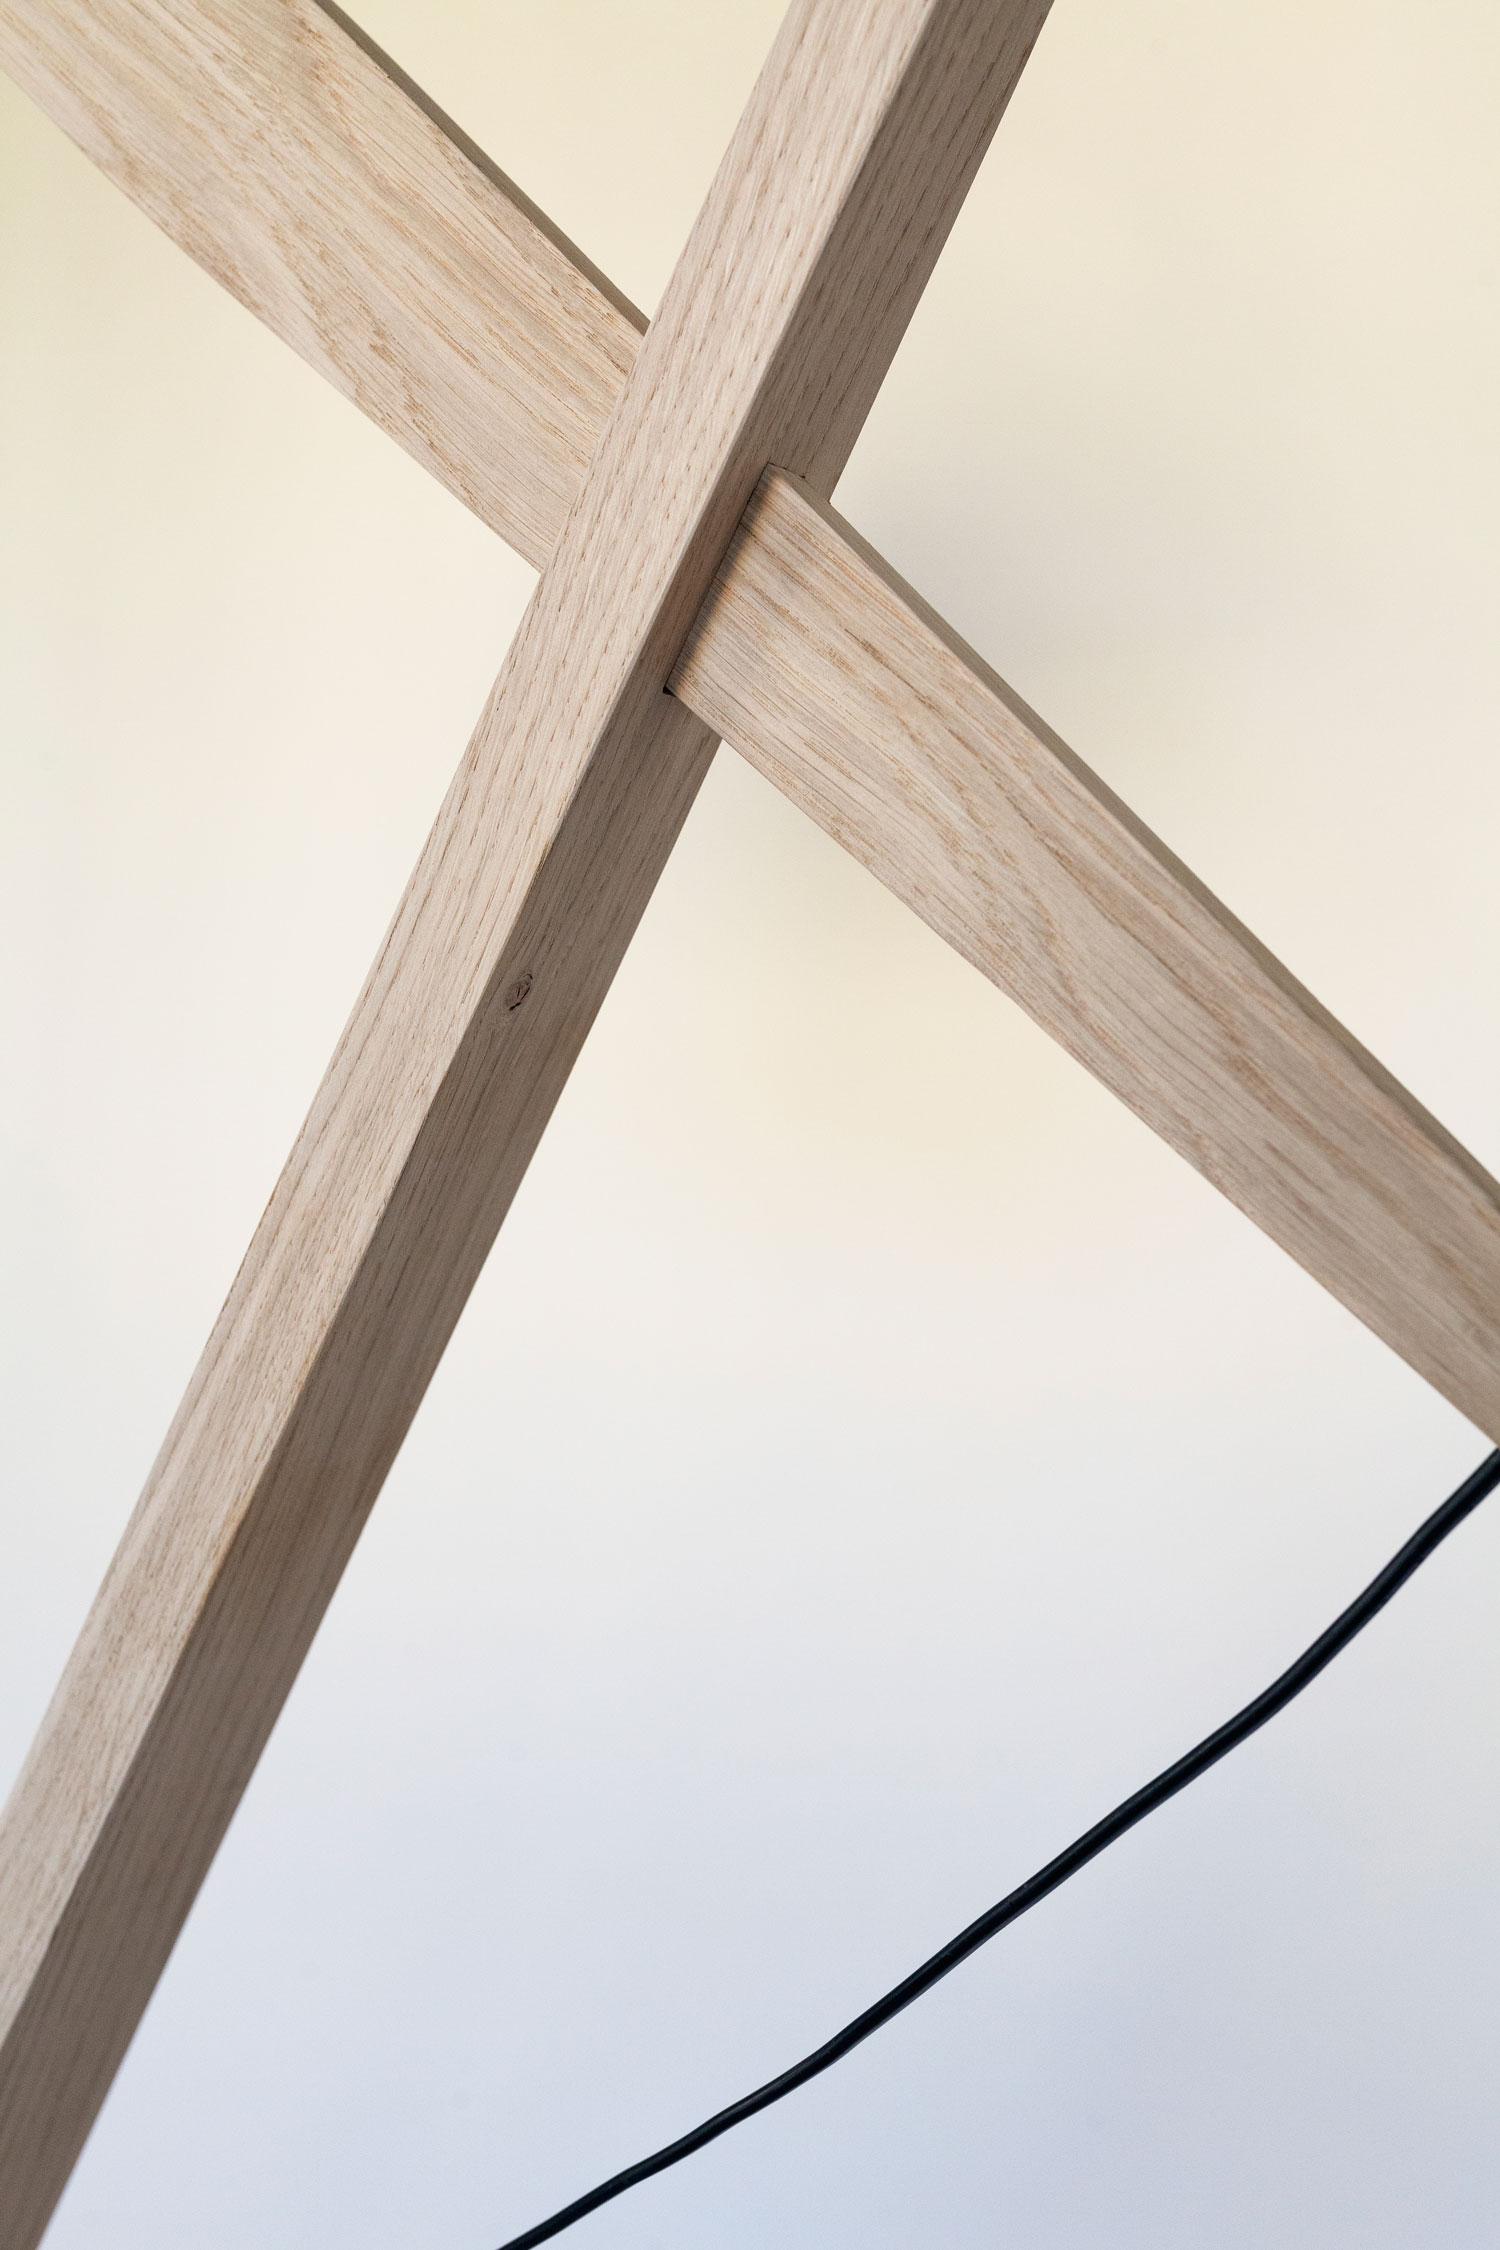 Rosa lamp består af en trækonstruktion i dansk FSC-mærket eg fra et savværk i Enderslev, mens lampeskærmen – Gert lampshade – er produceret på en dansk familieejet lampefabrik. Lampen har et højt og lidt ranglet design, der måske kan skabe associationer til en giraf eller en gammel dame. Designet er let og elegant og med et fokus på ledningen, som i designs oftest gemmes væk. Rosa lanceres med 4 forskellige skærmfarver i smukke pastelagtige farver nemlig blå, mint, laks og hvid.